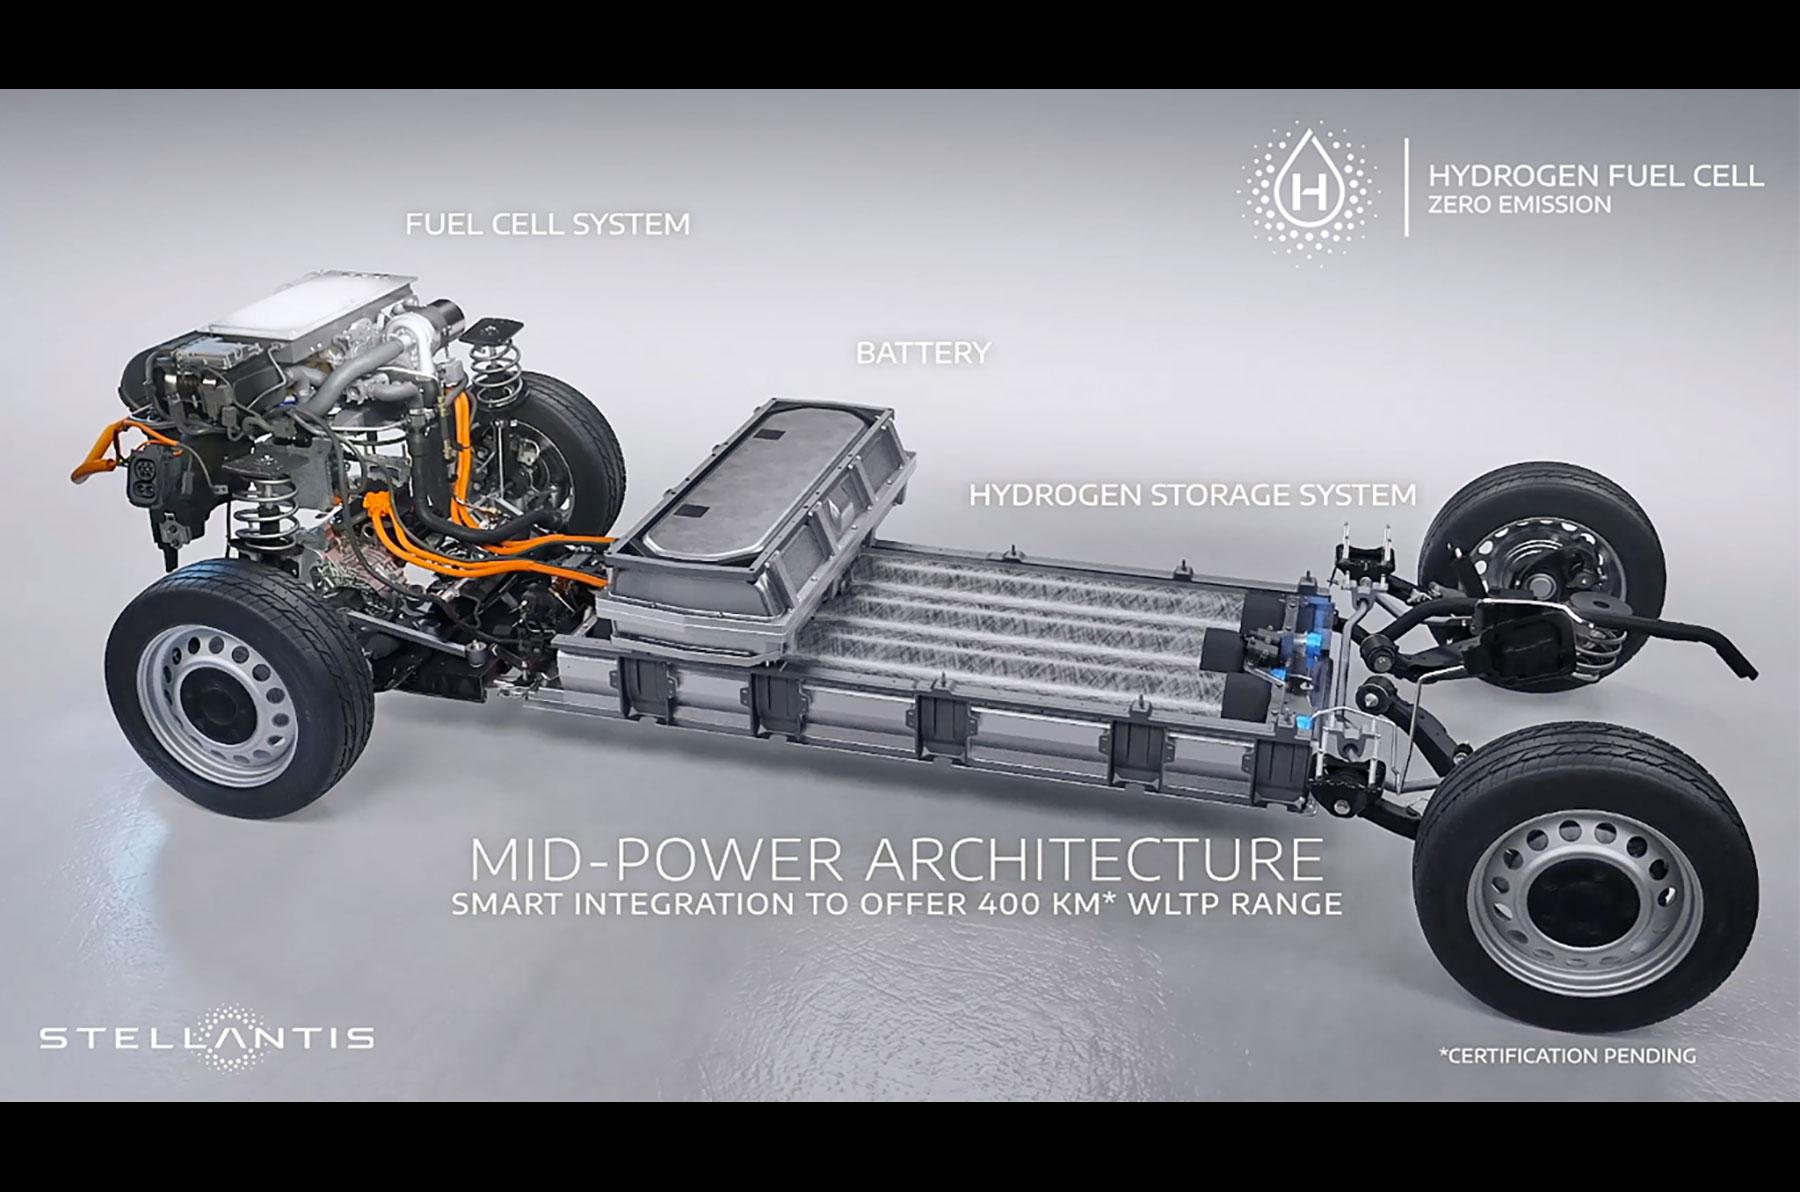 Stellantis' H2-PHEV: Pfeiff' auf's Dogma, Technologieoffen kann auch funktionieren - e-engine - Alles rund um E-Mobilität